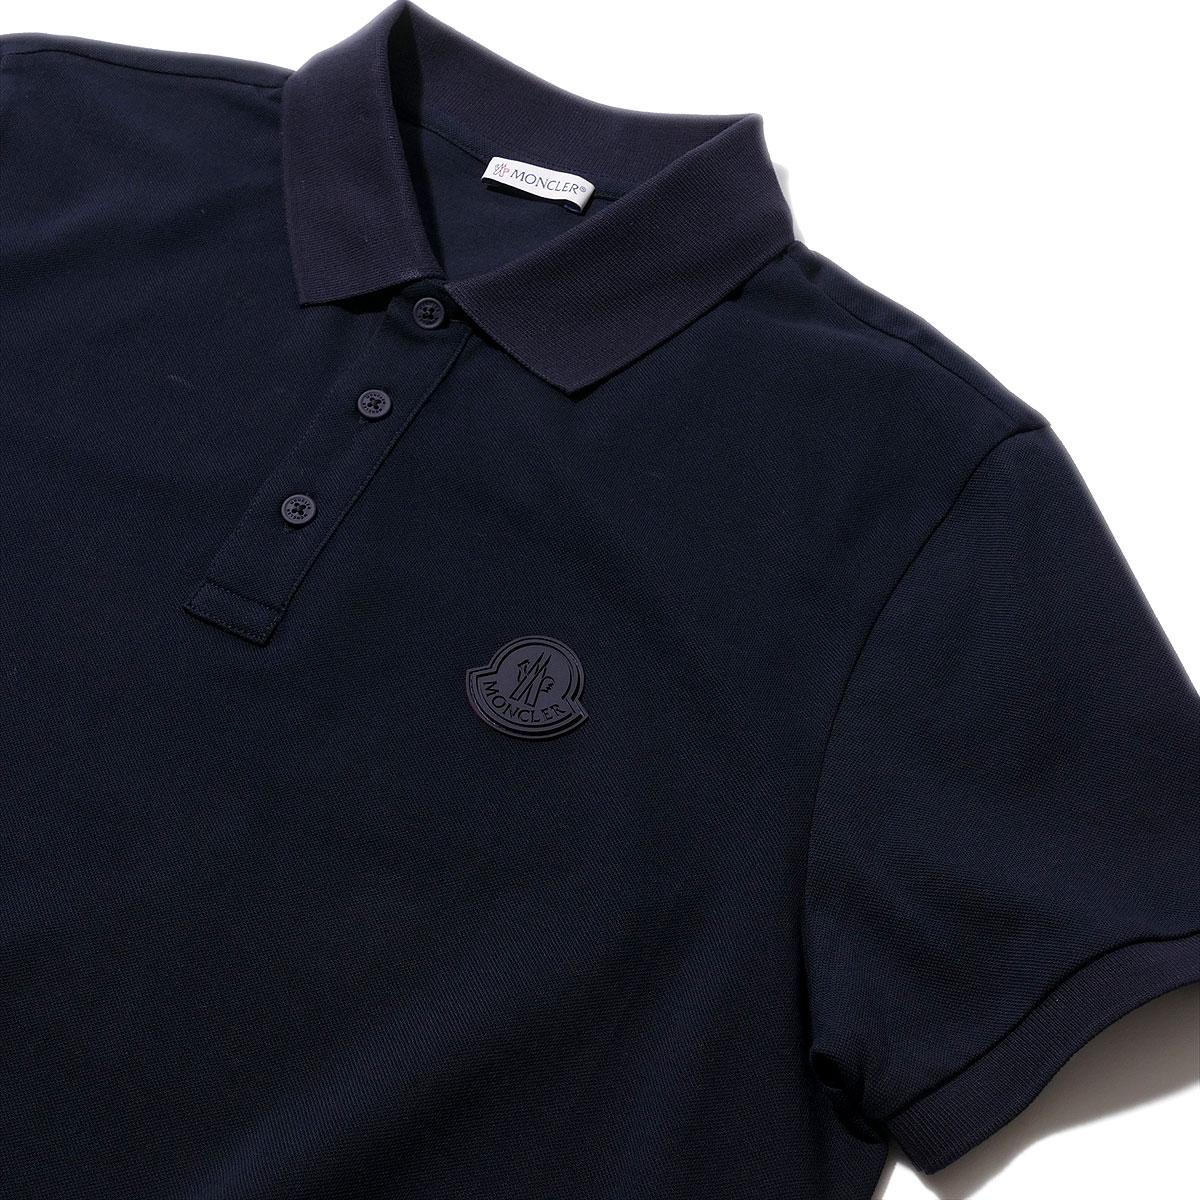 モンクレール ポロシャツ 8A71000 778ネイビー MONCLER メンズ 2020SS ブランド ギフト